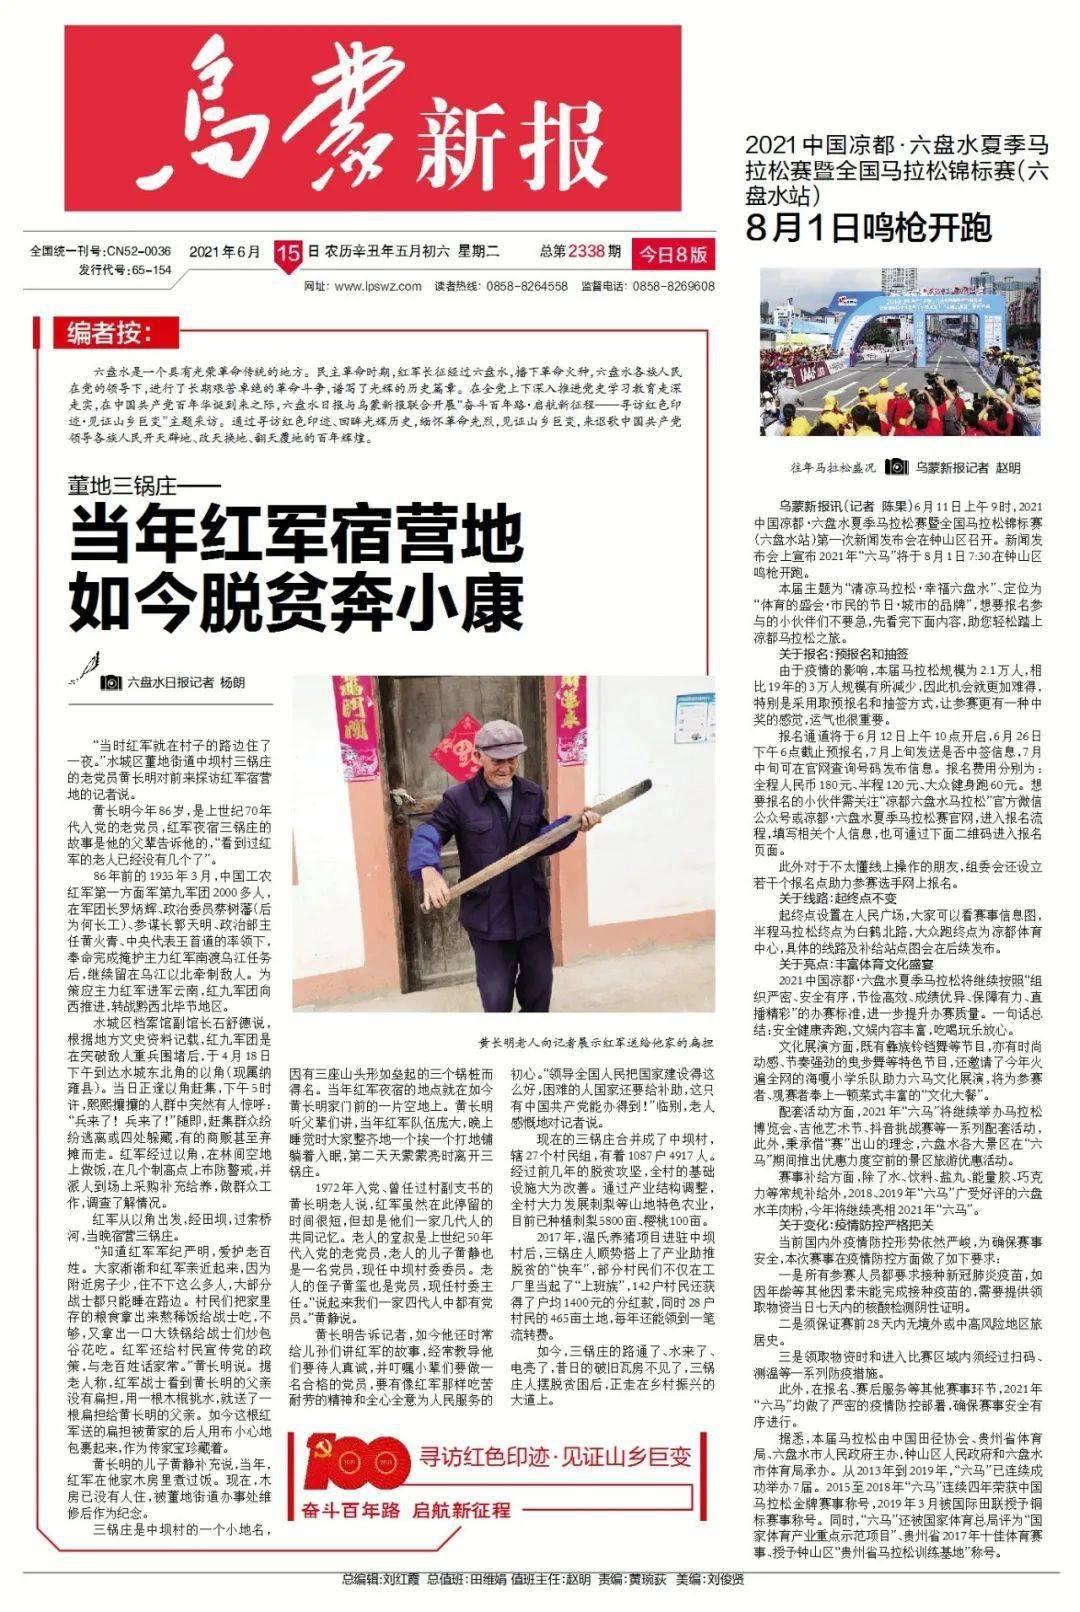 【版面速览】乌蒙新报6月15日——6月18日电子版